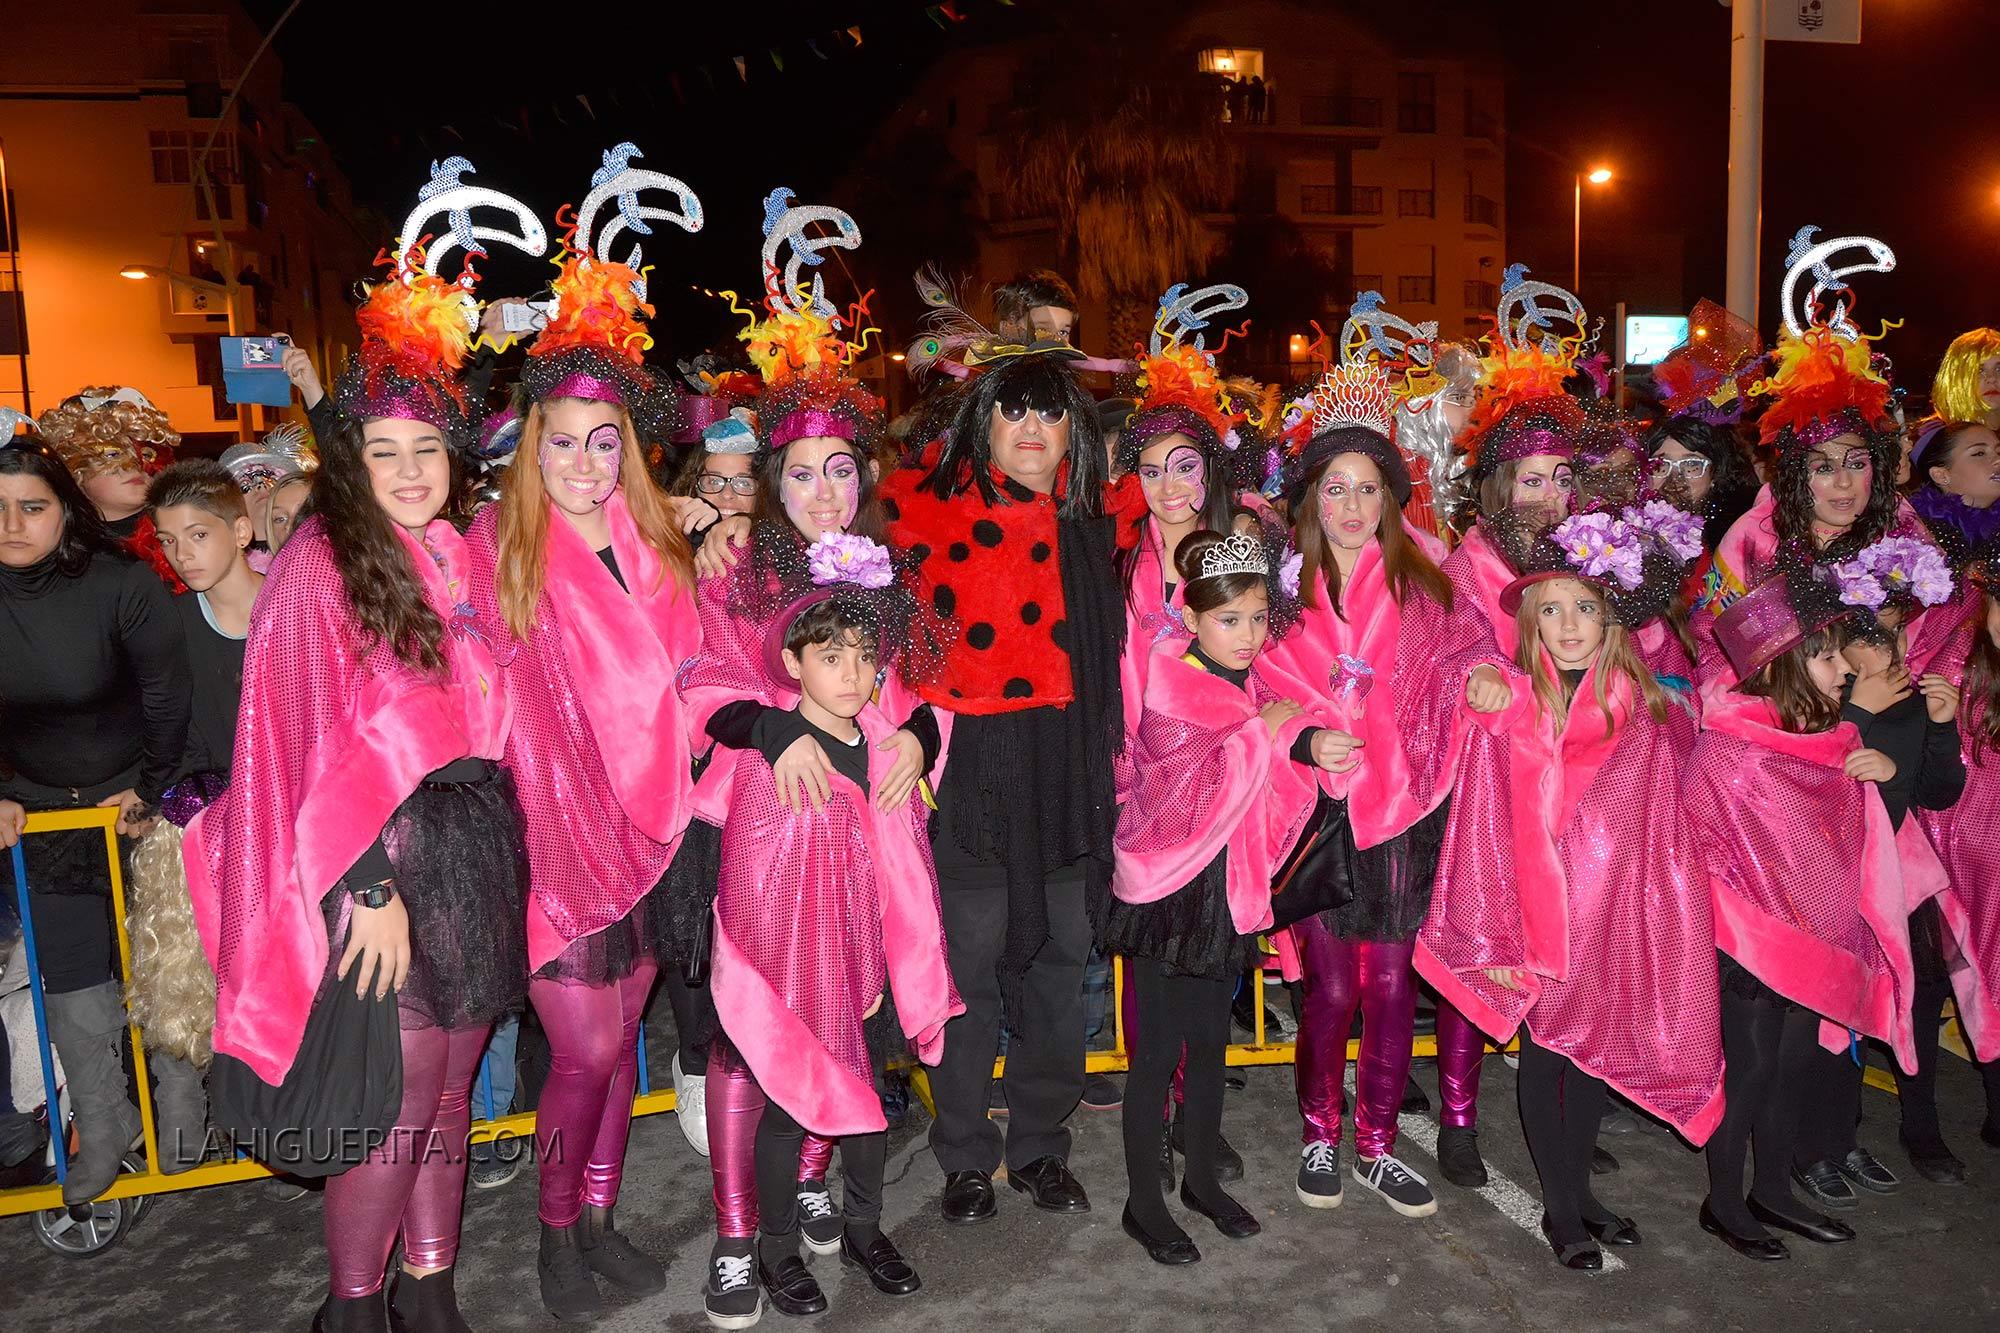 Entierro de la sardina carnaval isla cristina _DSC2383